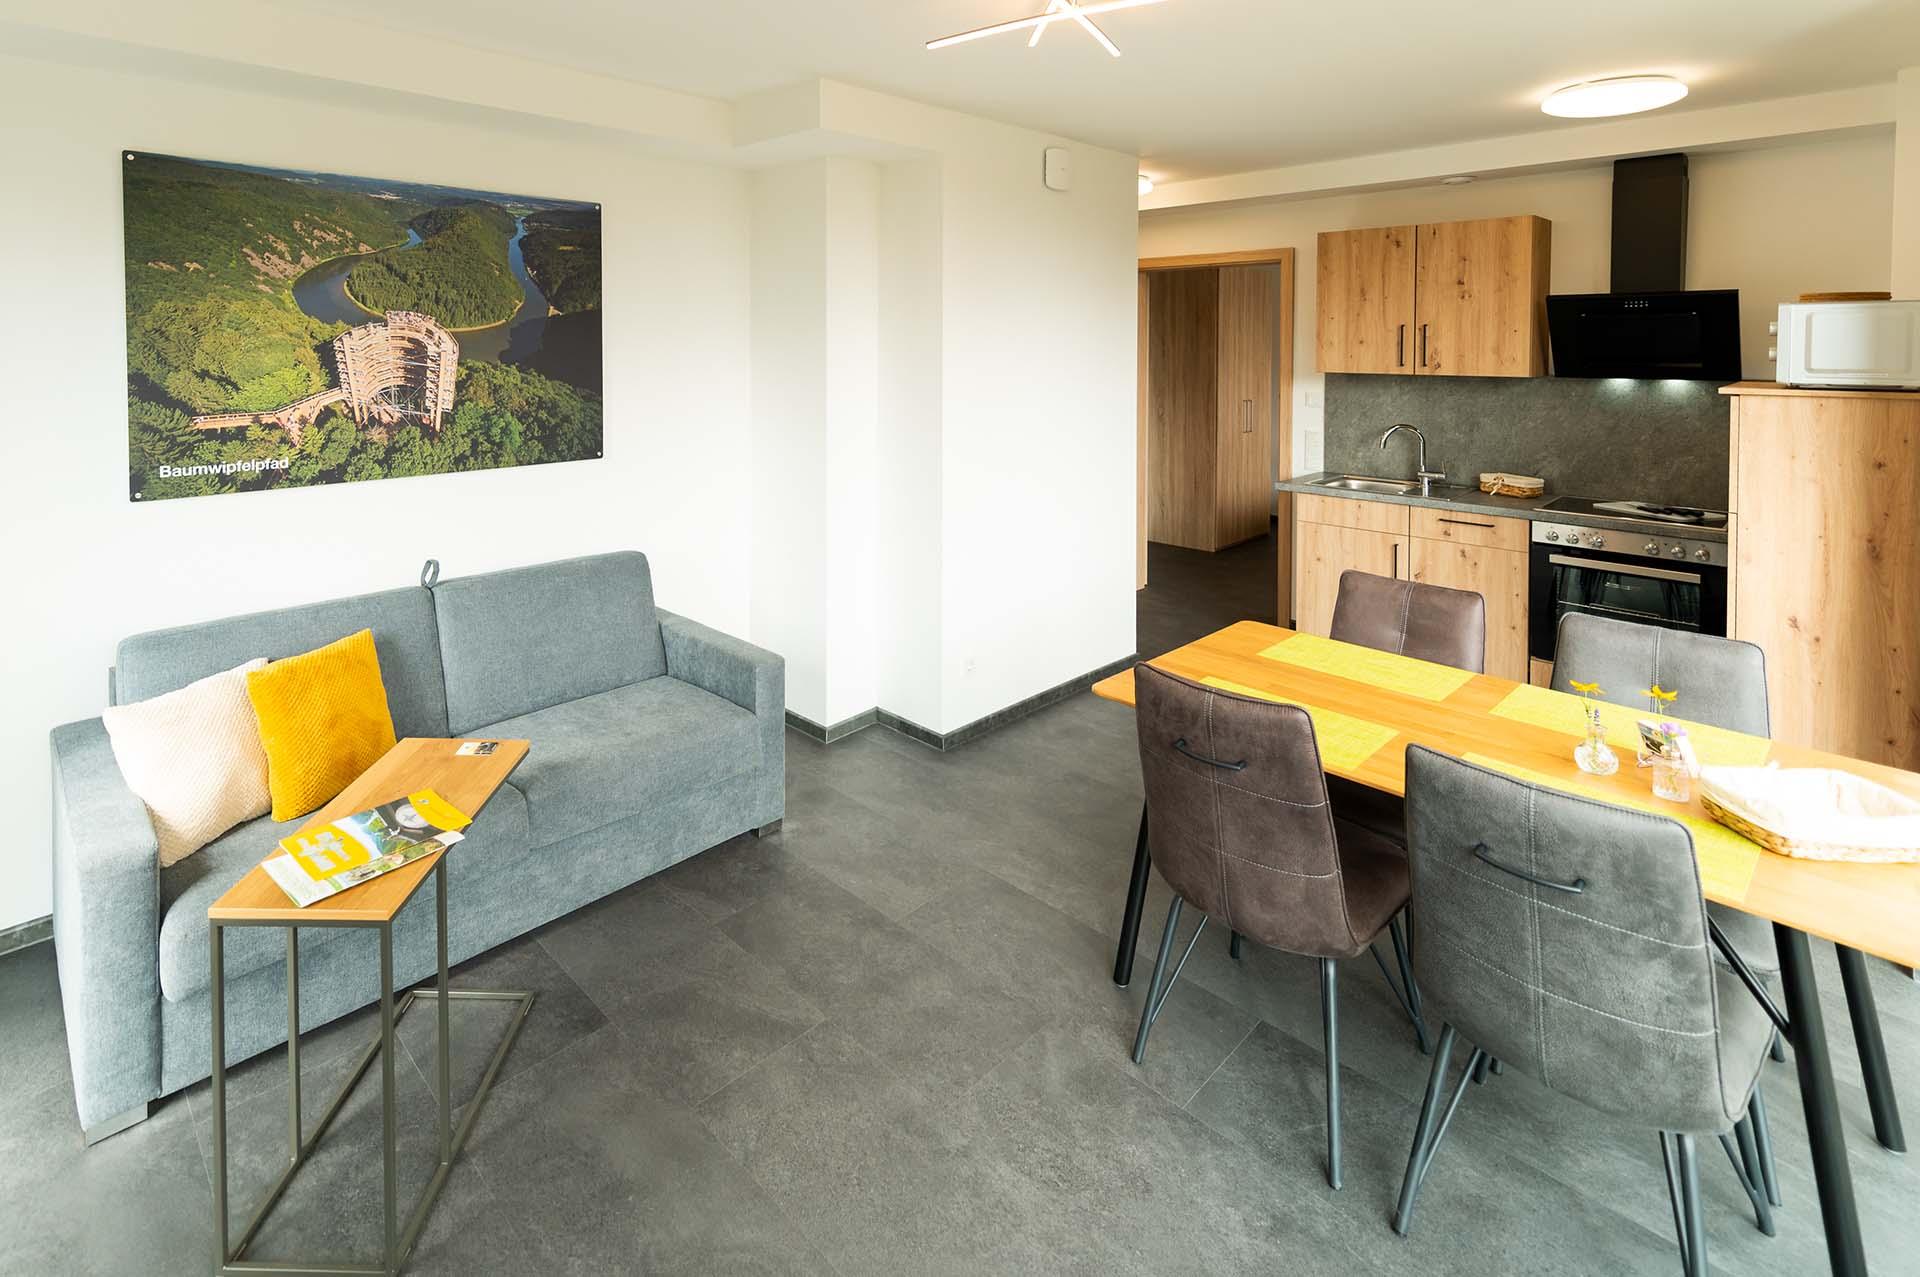 appartement-baumwipfelpfad-saarschleife-wohnbereich-esszimmer-kueche